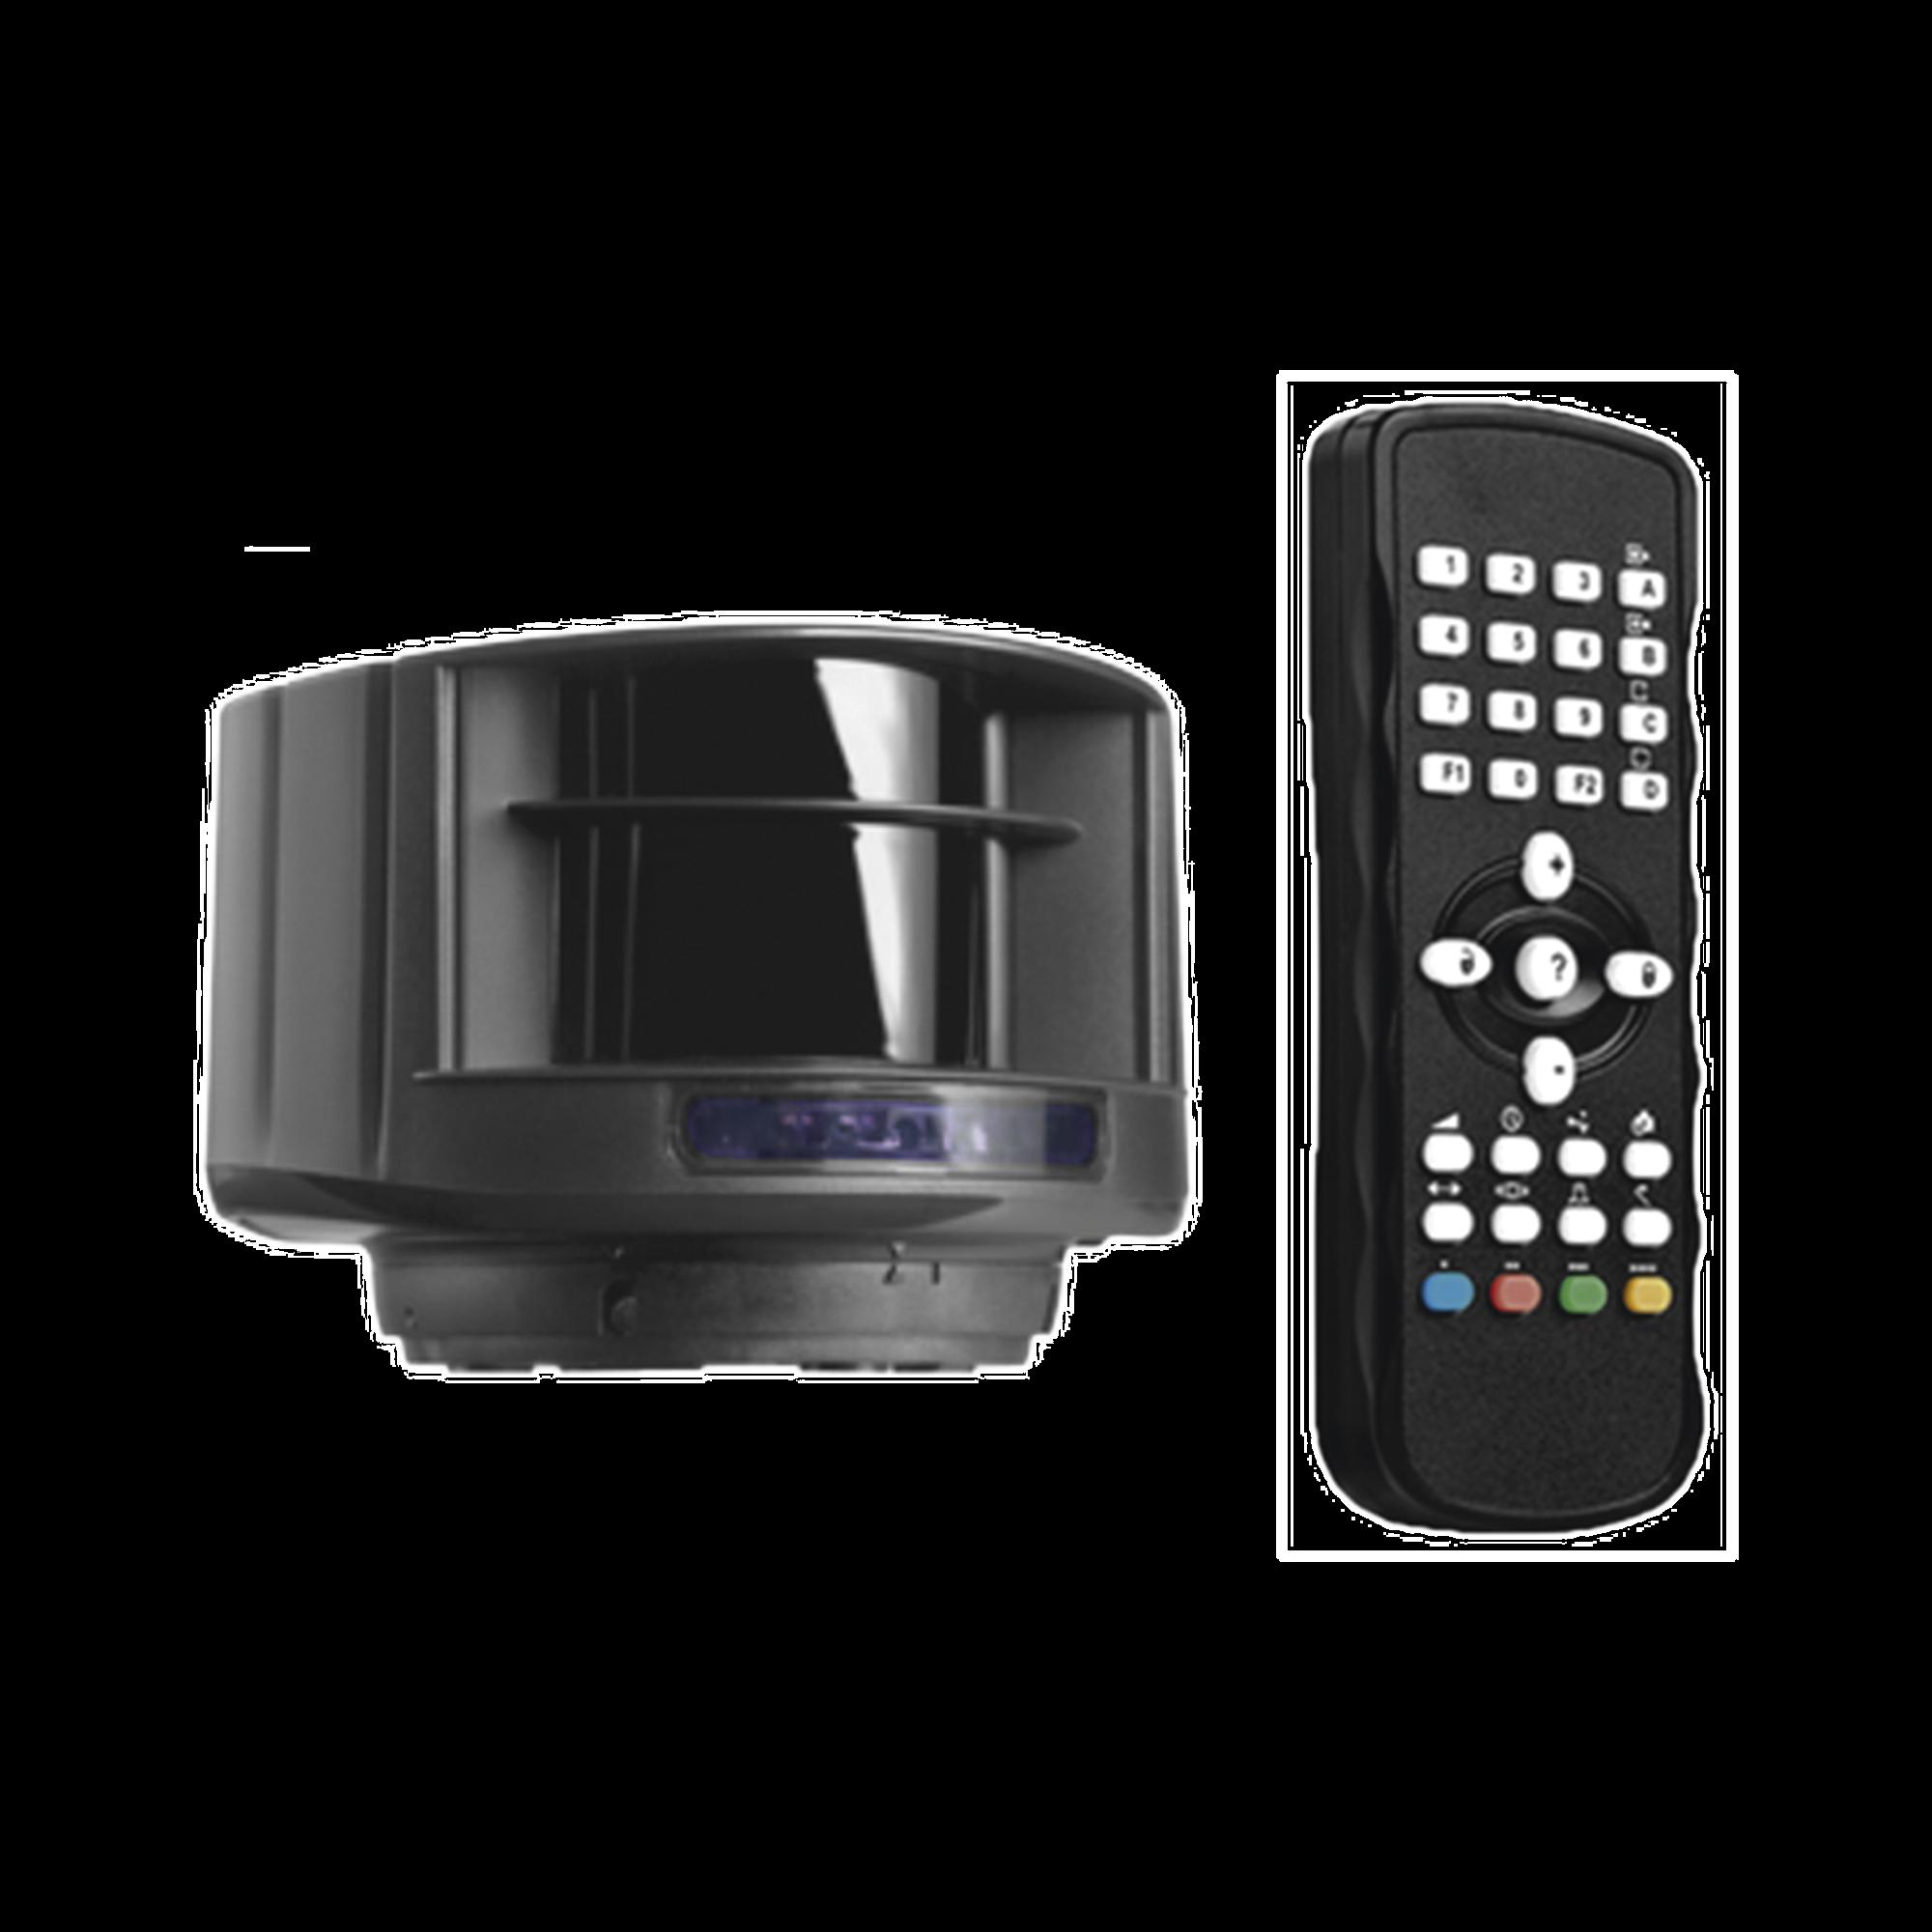 Kit de Sensor láser y control remoto / Evite el uso de lazos magnéticos / Protege carriles de hasta 9.6 m de ancho y 9.6 metros de profundidad